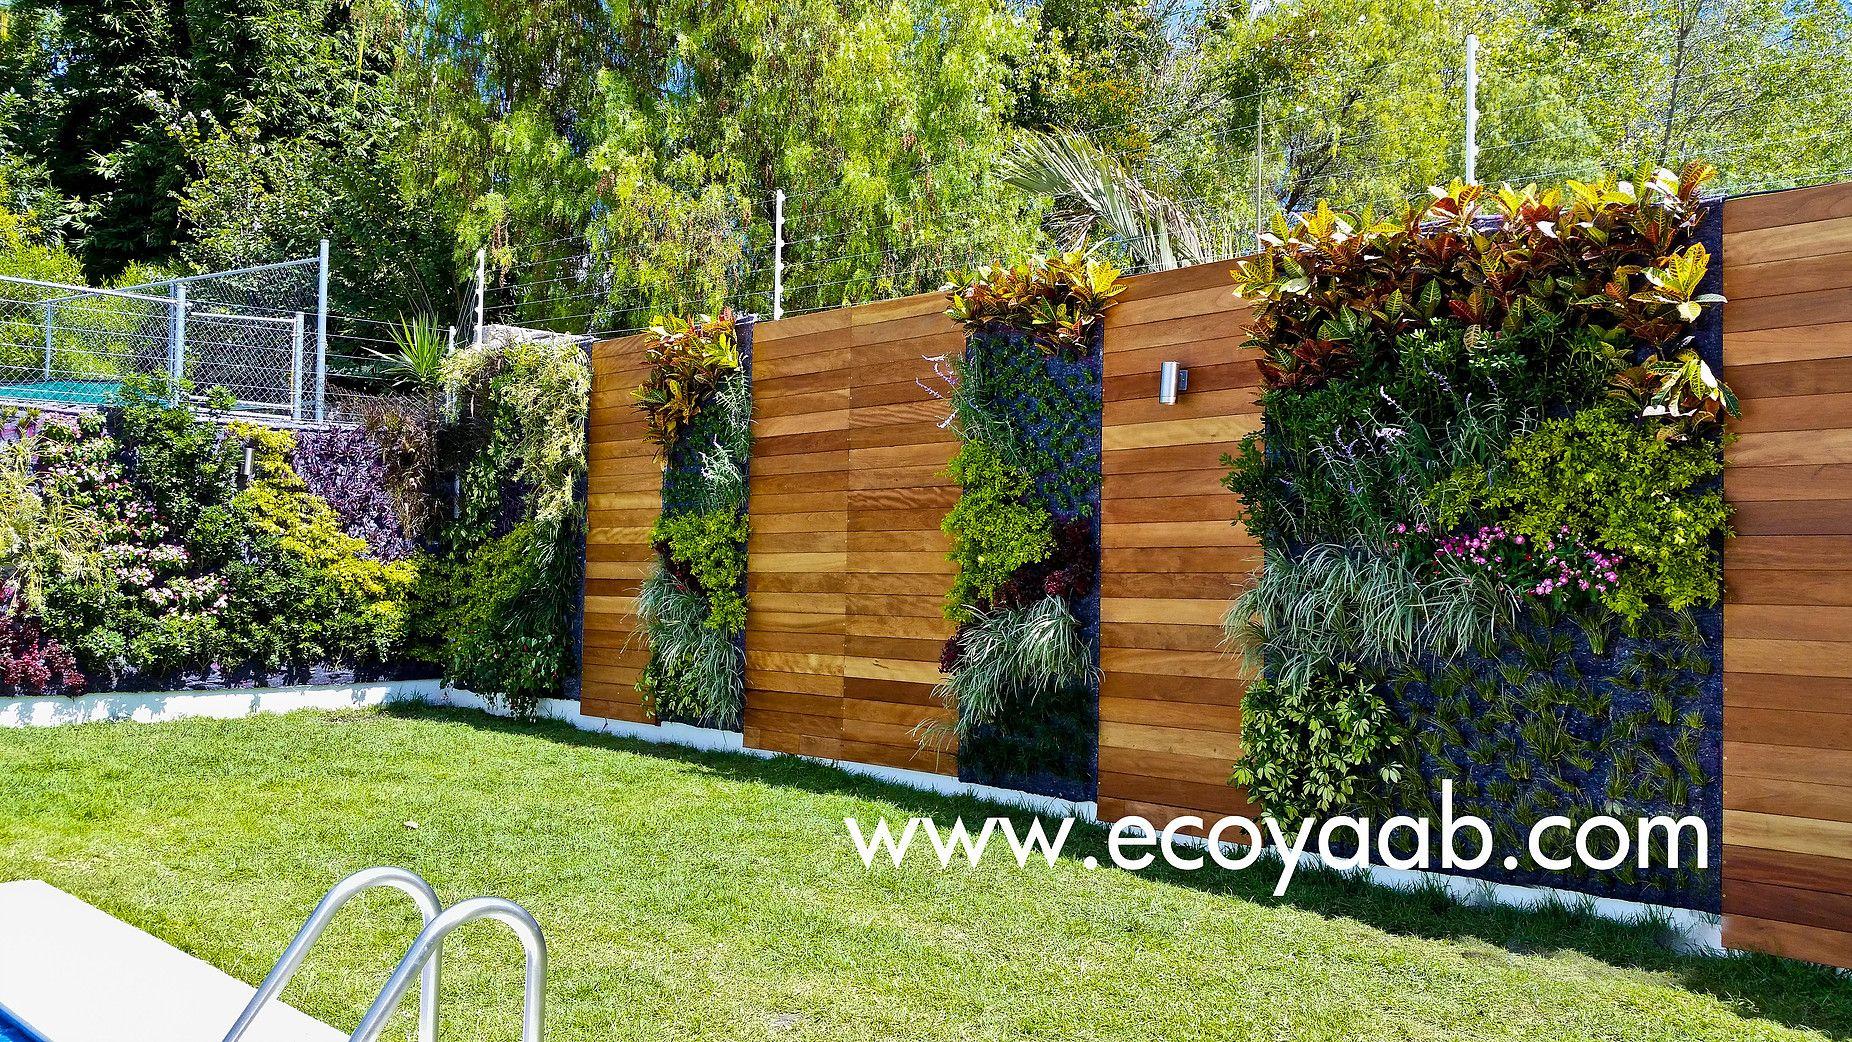 Jardin vertical jardines verticales muro verde muros for Verde vertical jardines verticales